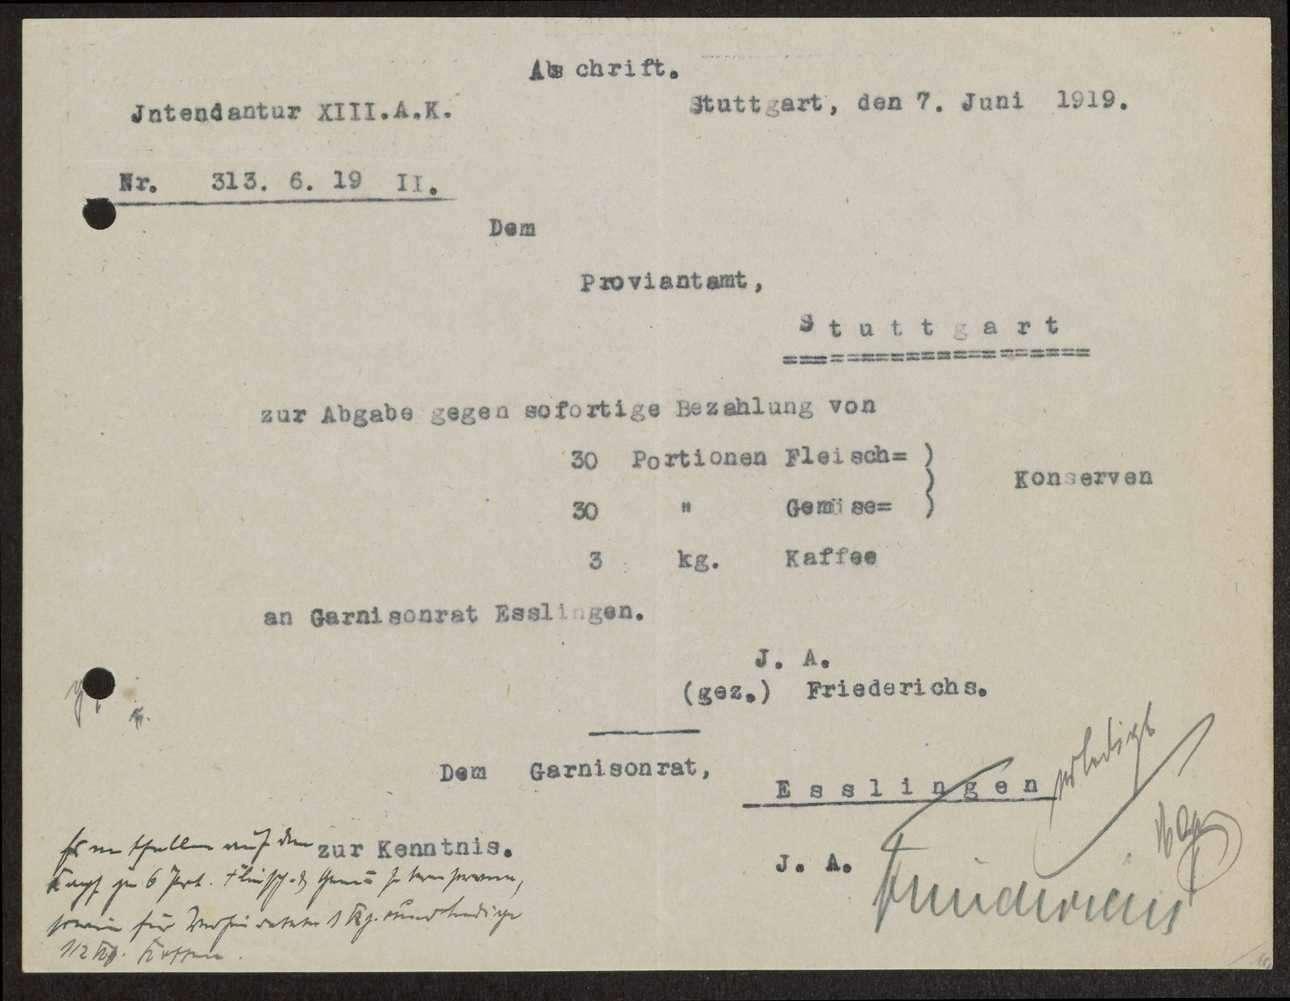 Abgabe von Nahrungsmittelkonserven und Kaffee an den Garnisonrat Esslingen zur Verteilung an die Truppen, Bild 2